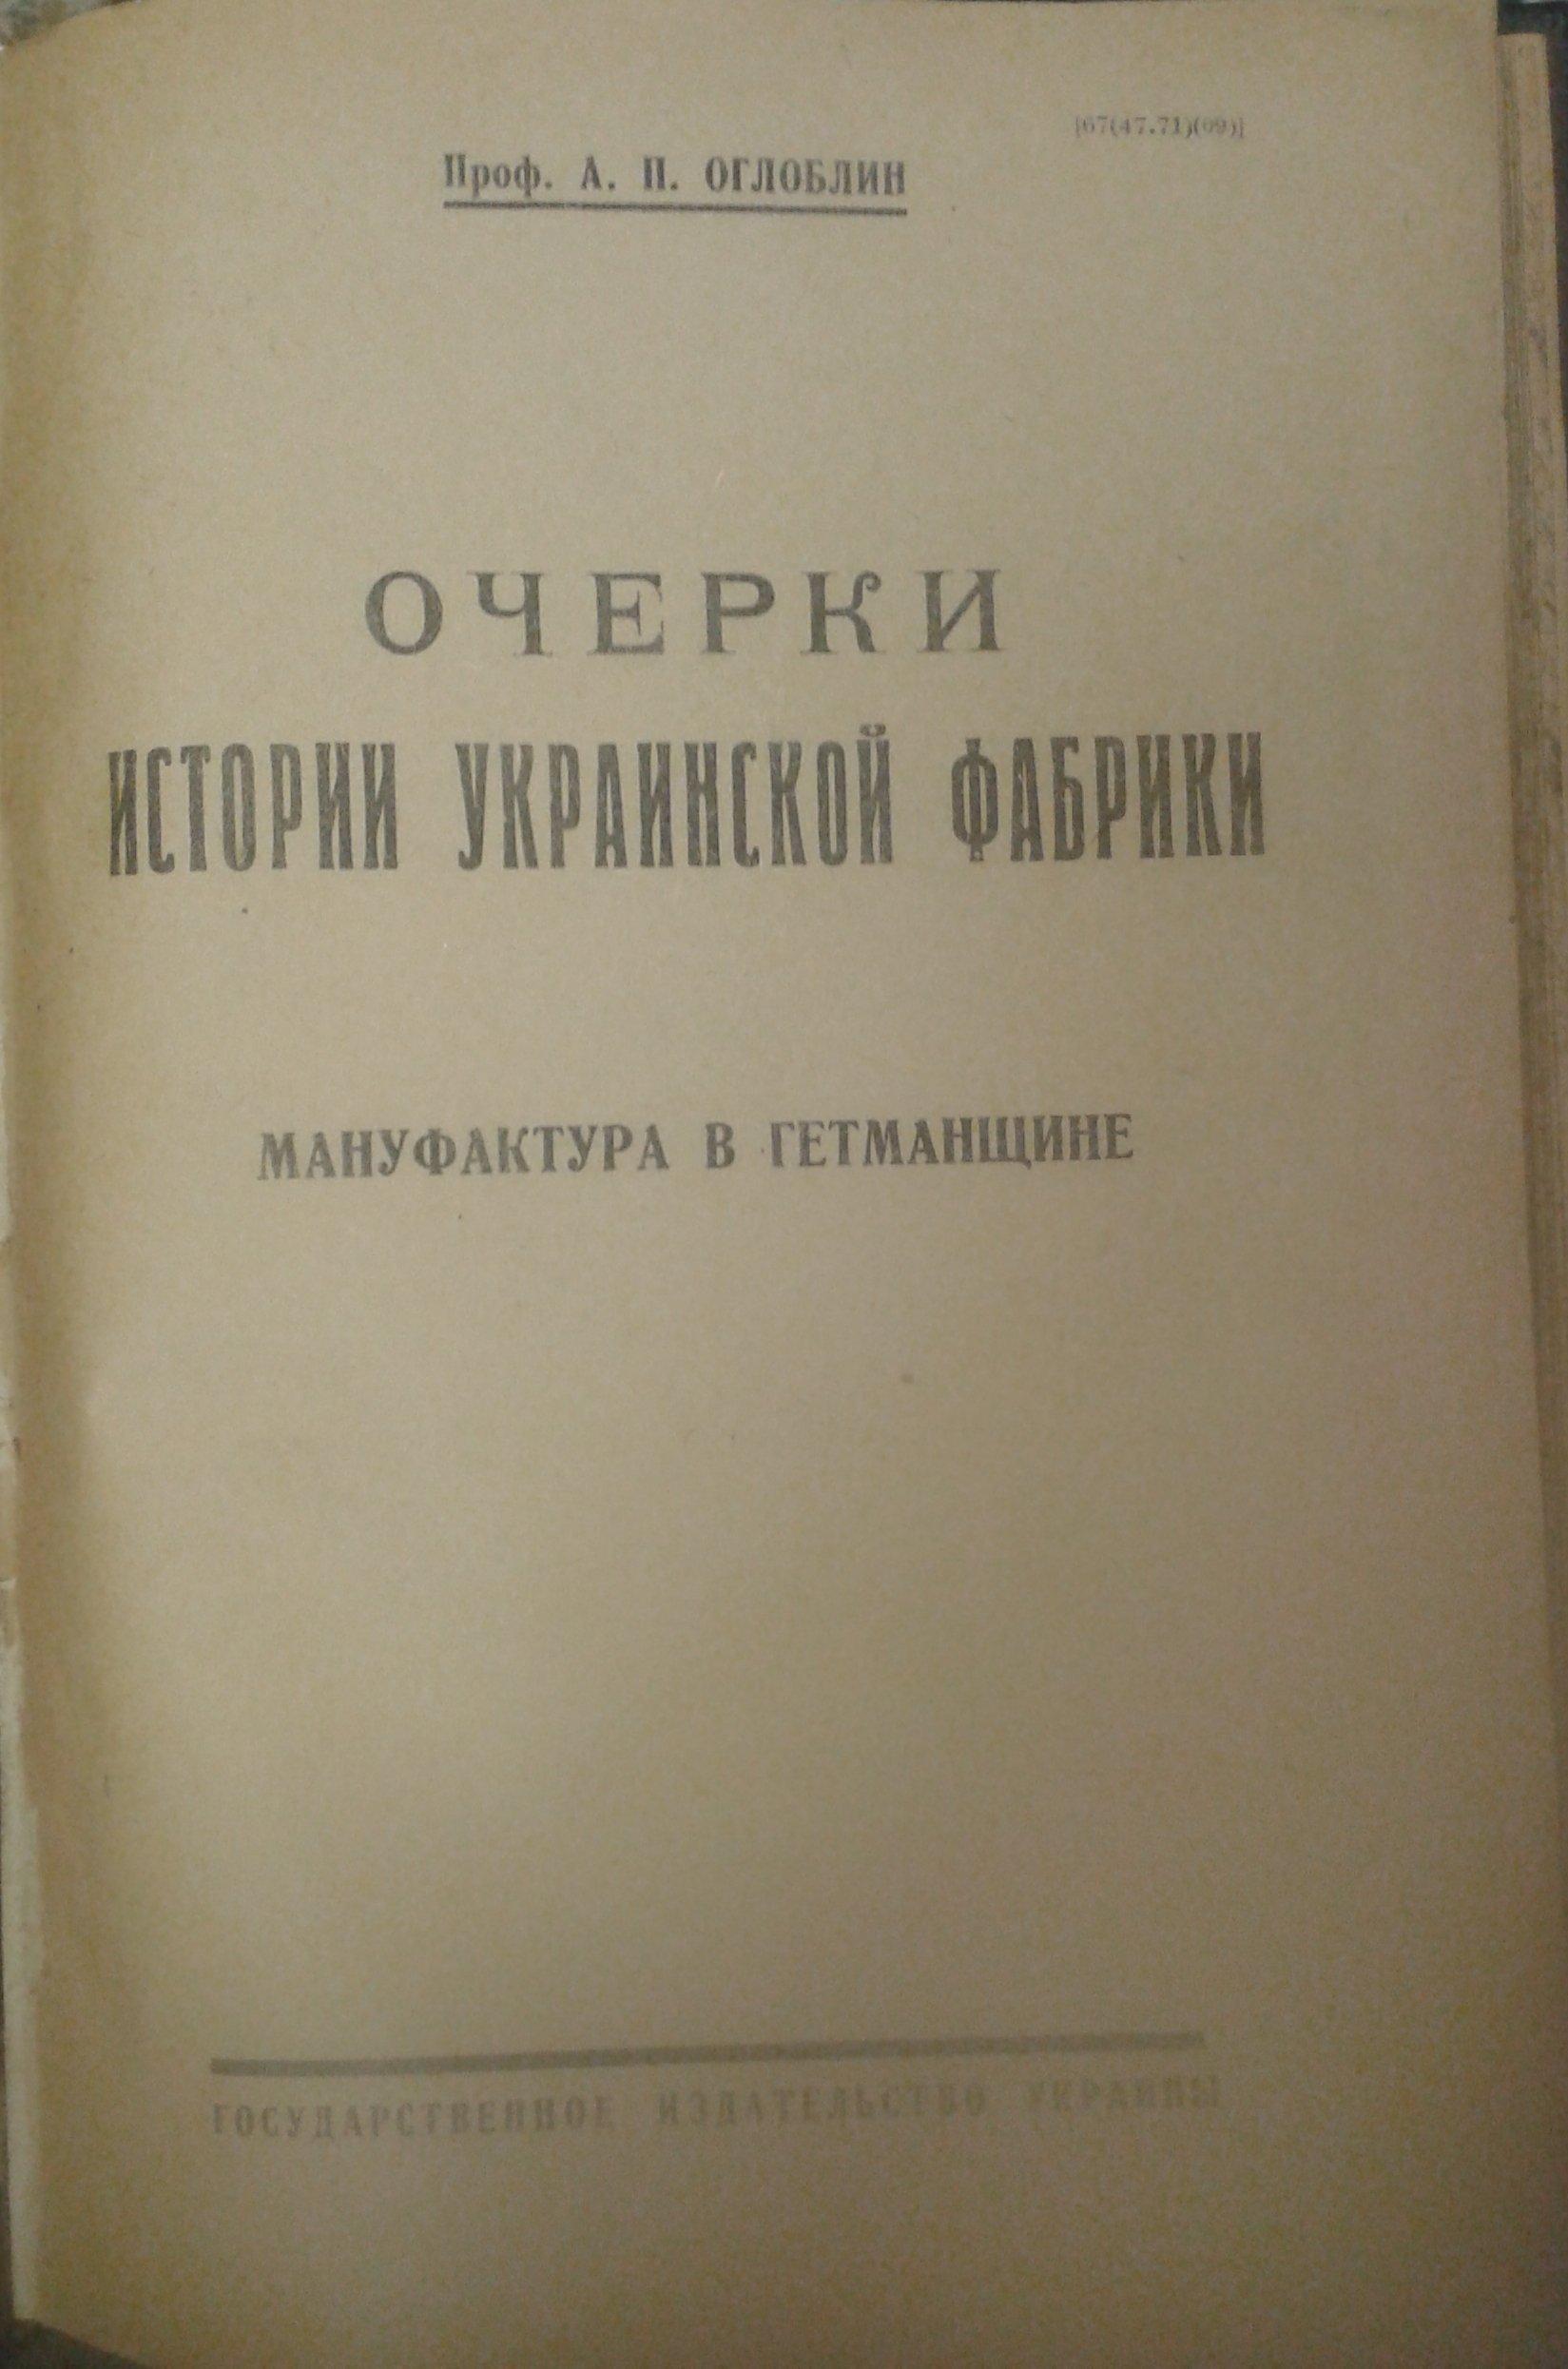 оглоблин, очеркт истории украинской фабрики